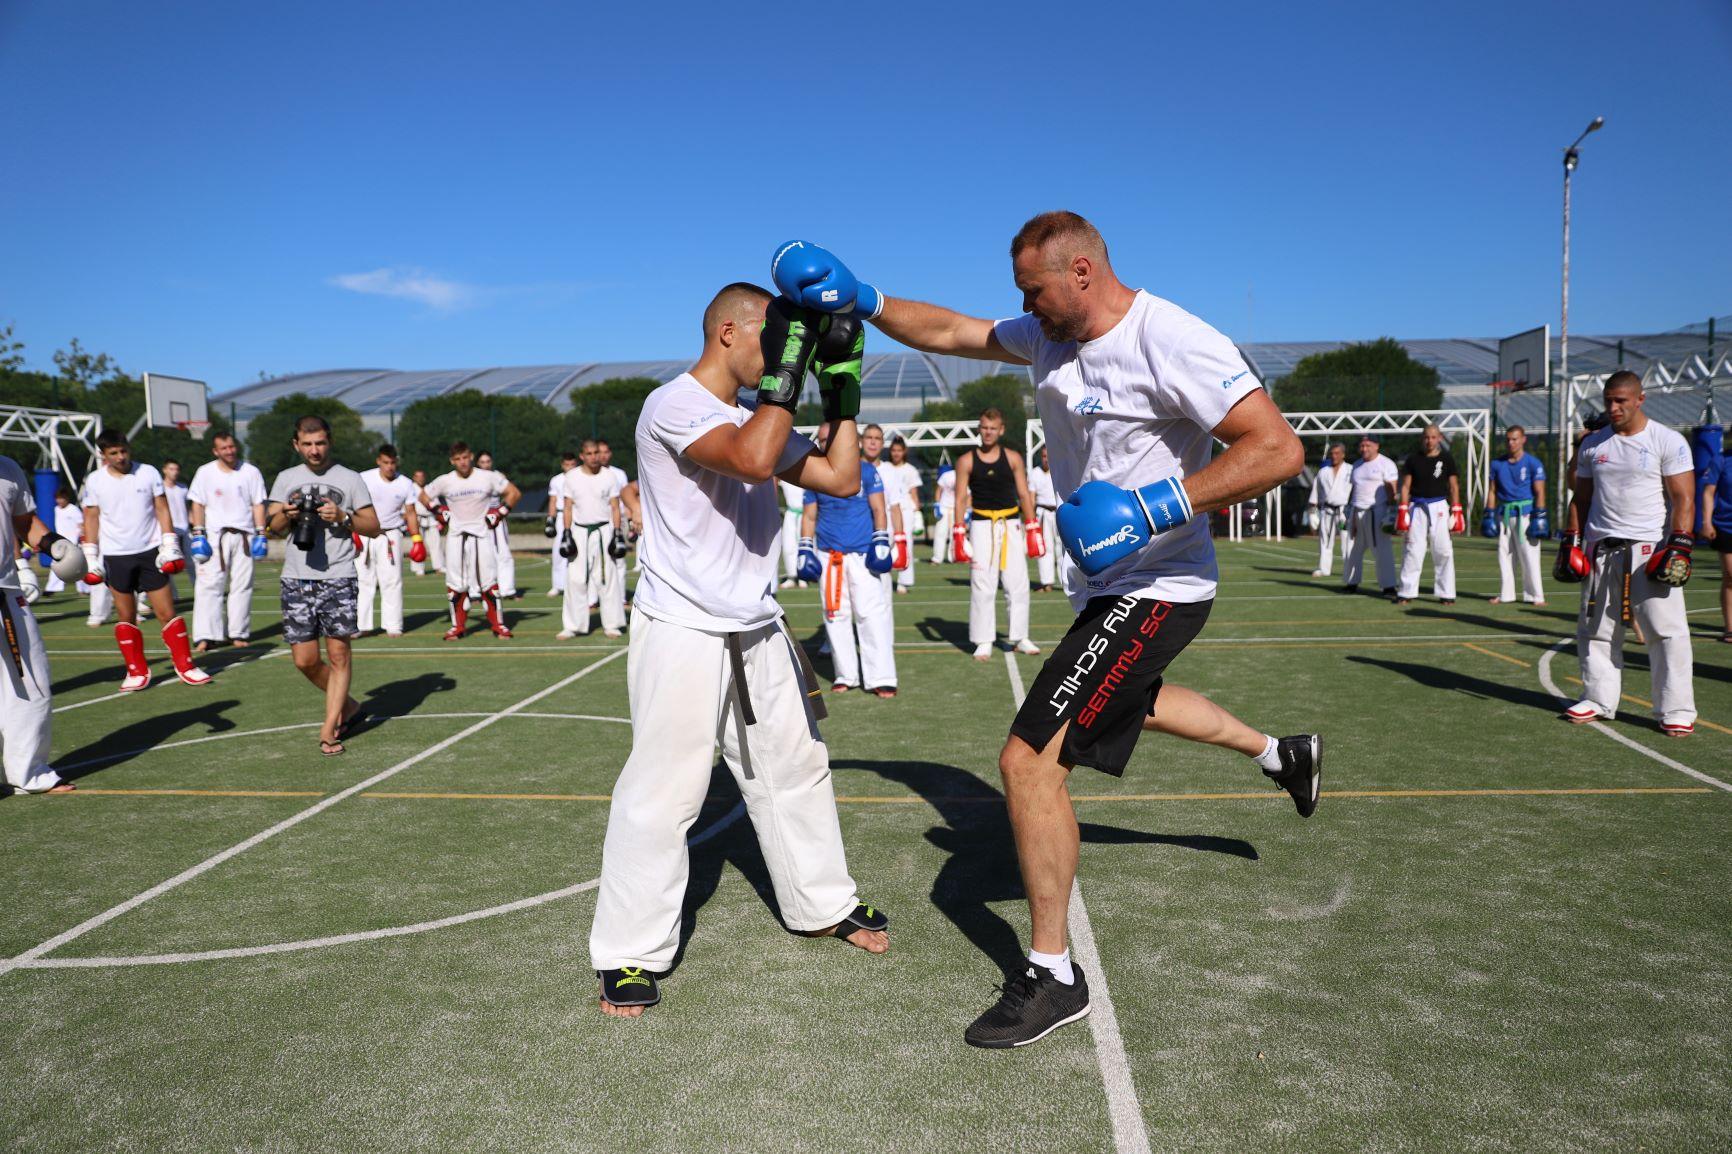 Бойни страсти с KWU International Professional League край морето (СНИМКИ)